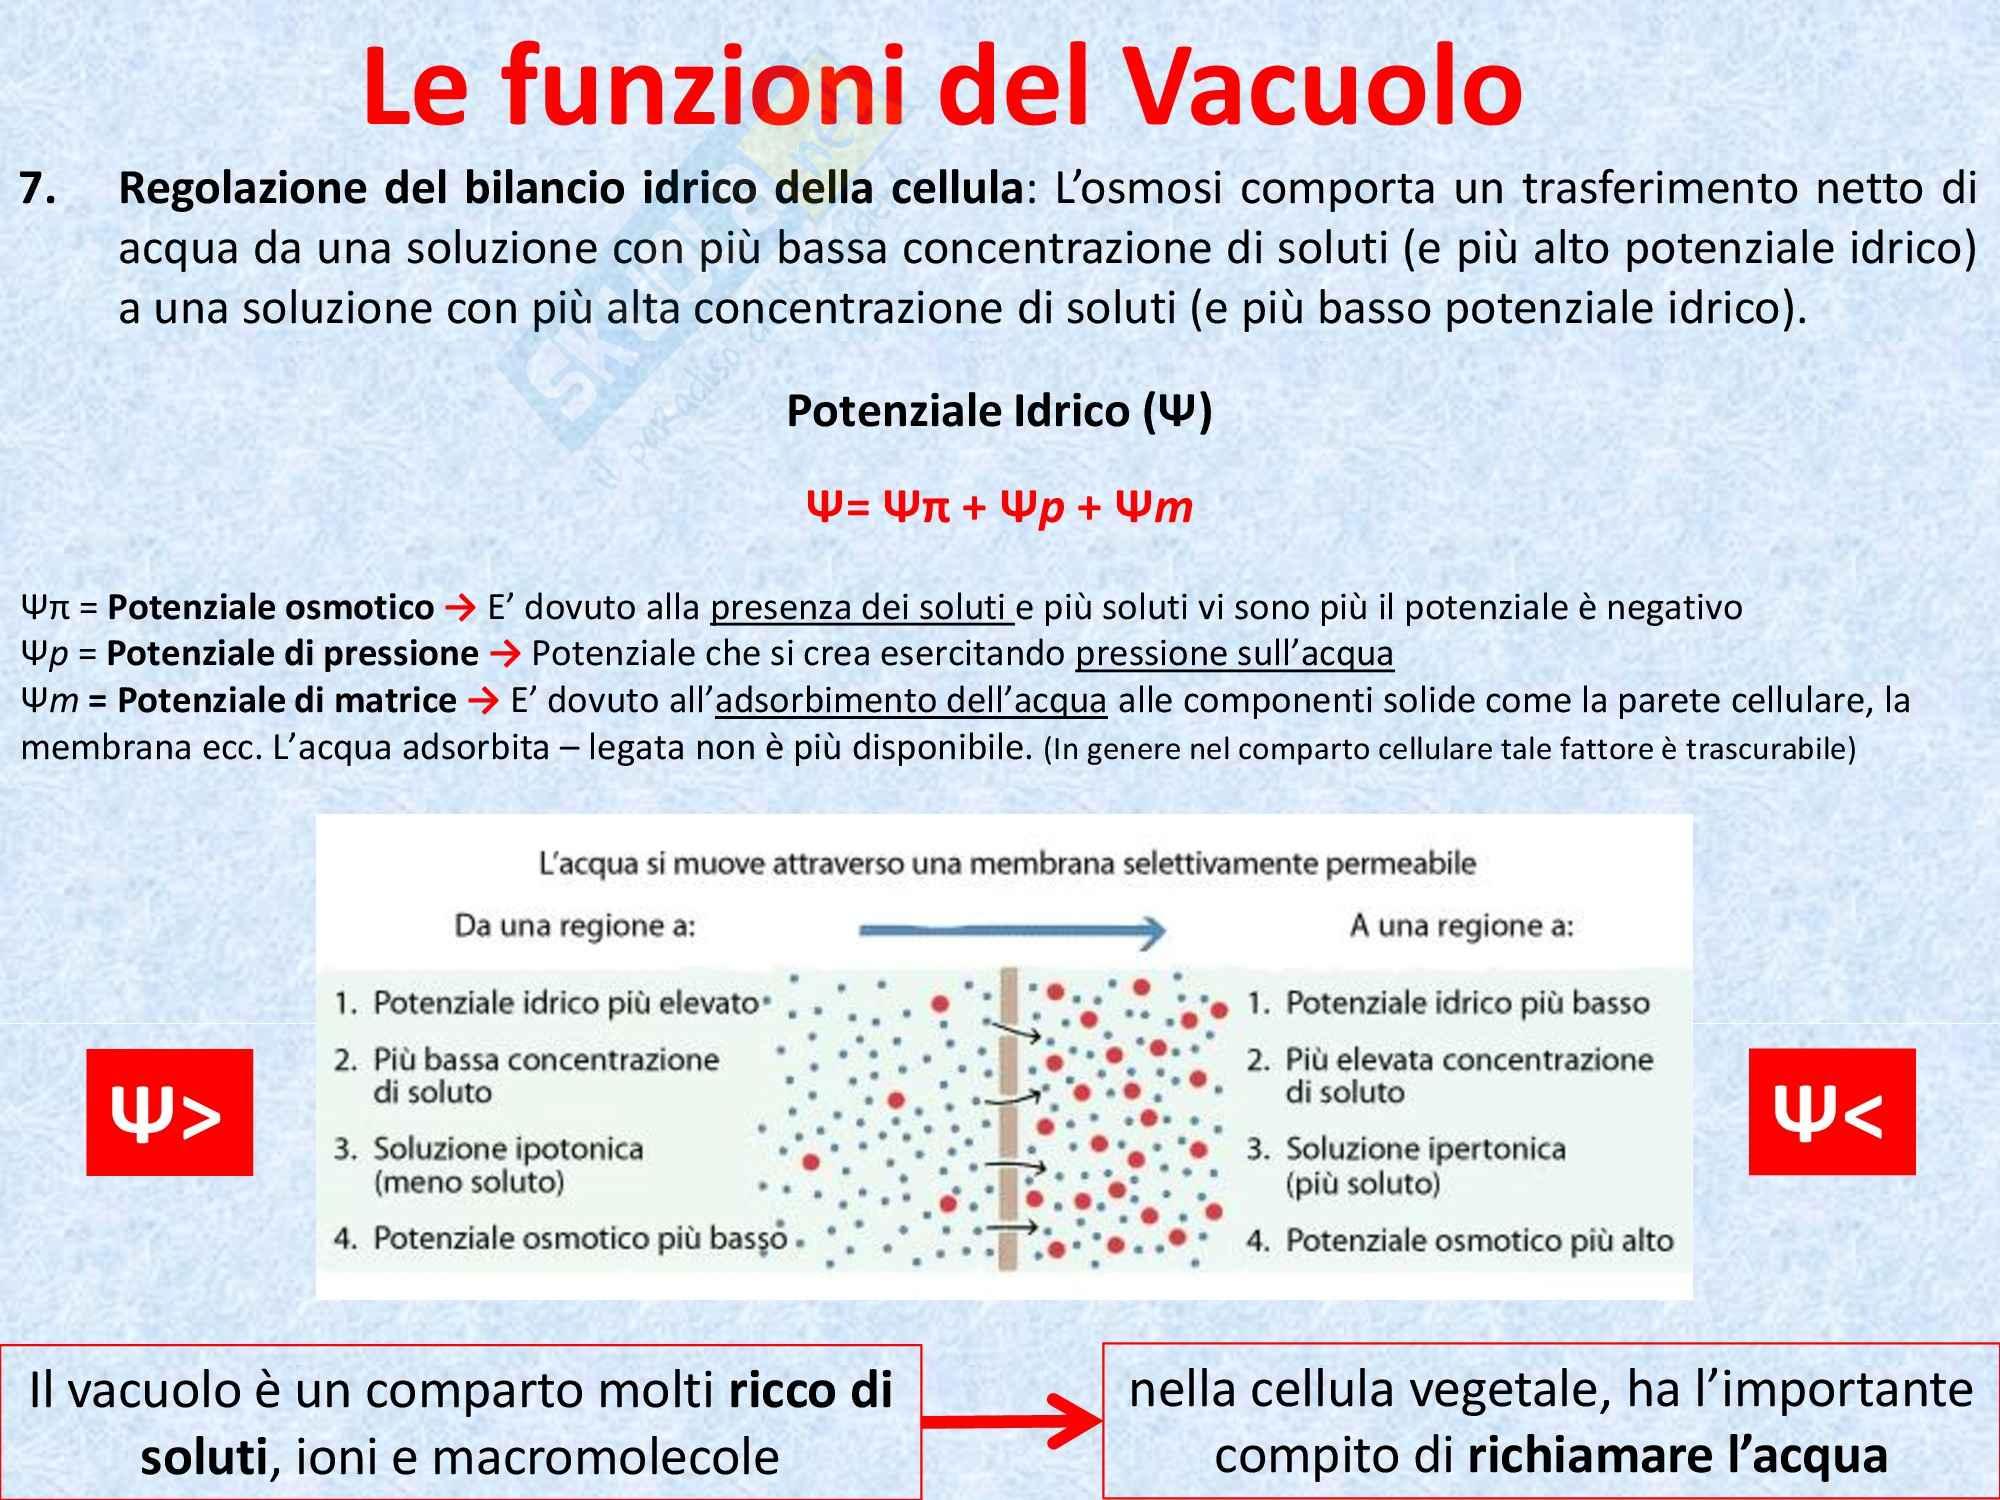 Biologia vegetale - il vacuolo Pag. 11